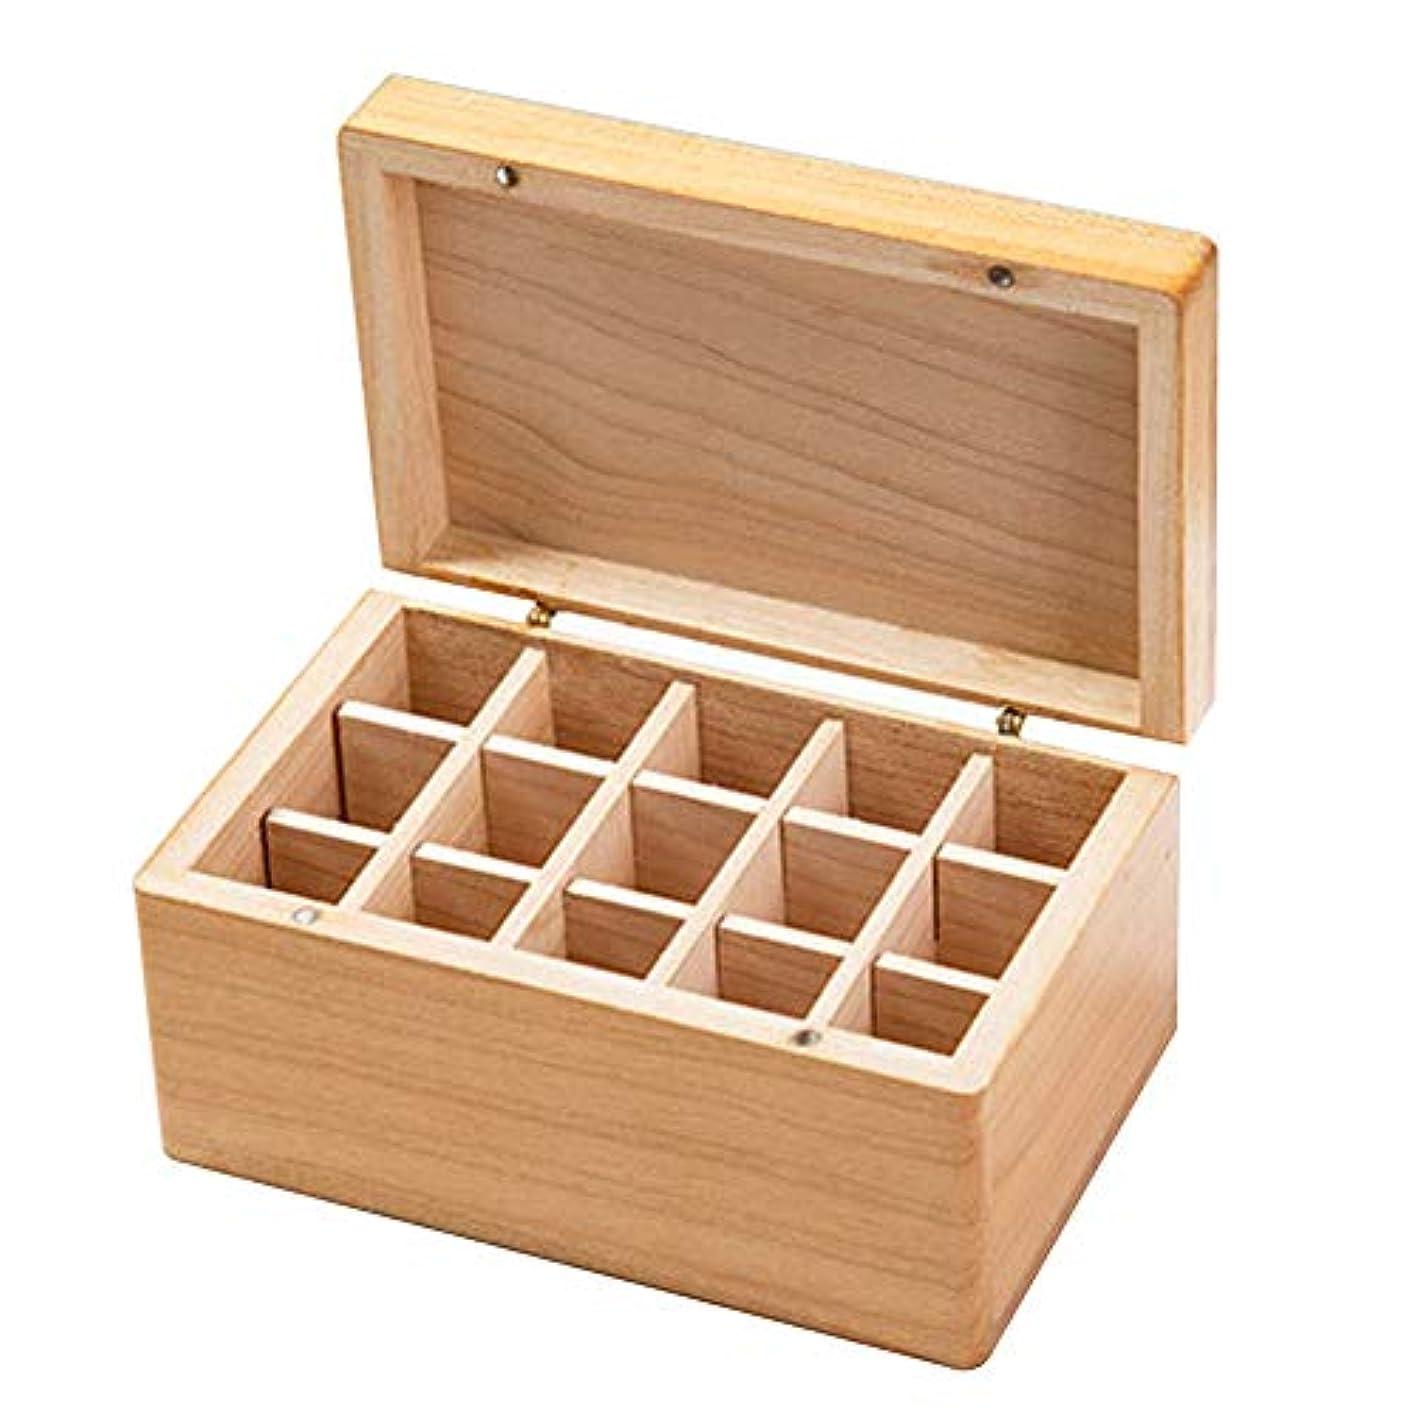 起きるマーチャンダイジング洗うエッセンシャルオイル木製収納ボックス、天然木素材コンパートメント耐久性のあるボトル注文したグリッド構造環境に優しいディスプレイケース